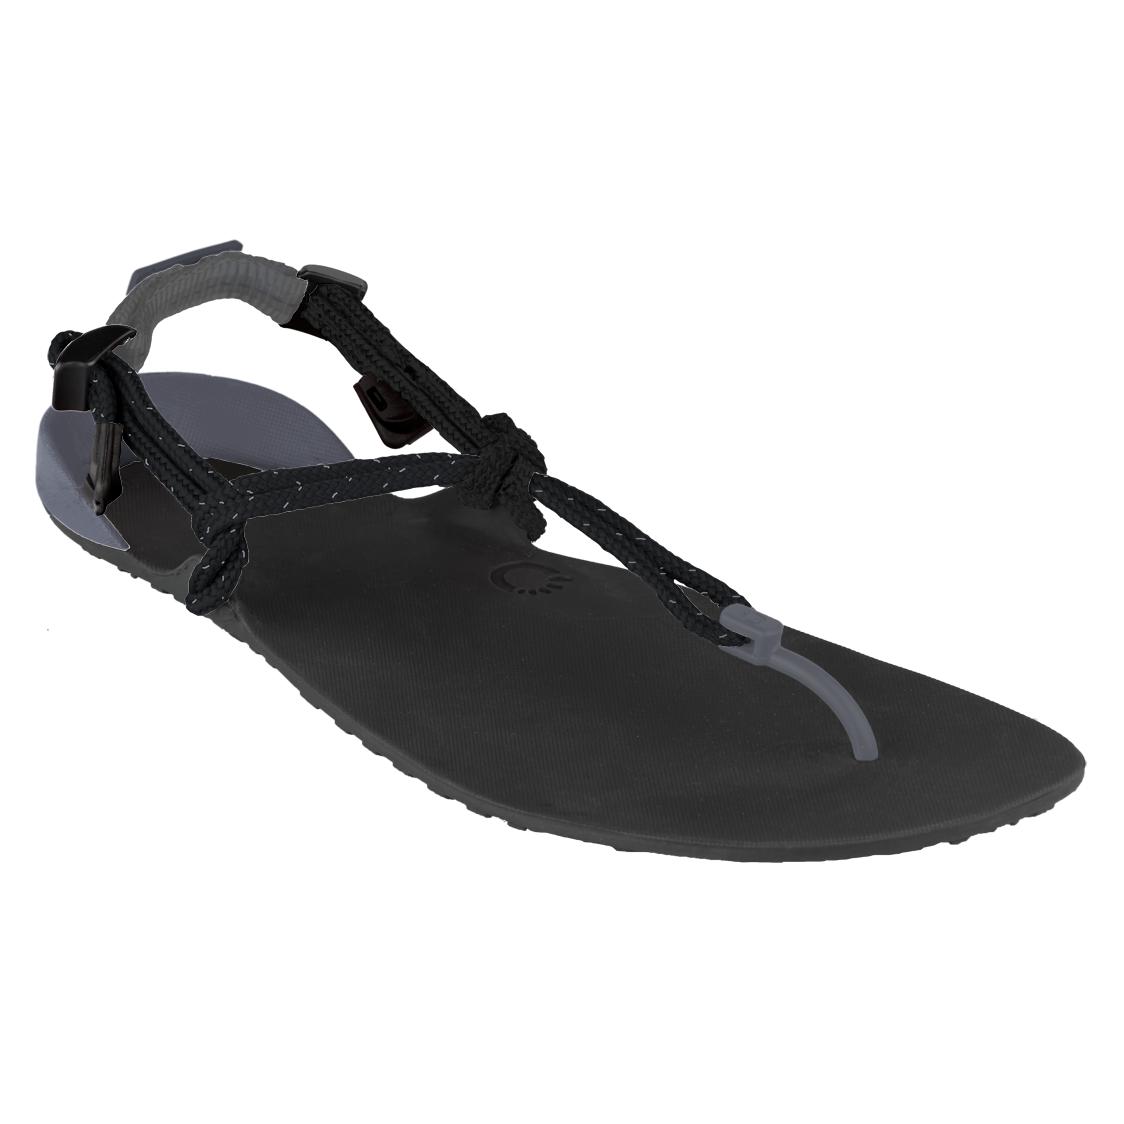 Xero Shoes Women